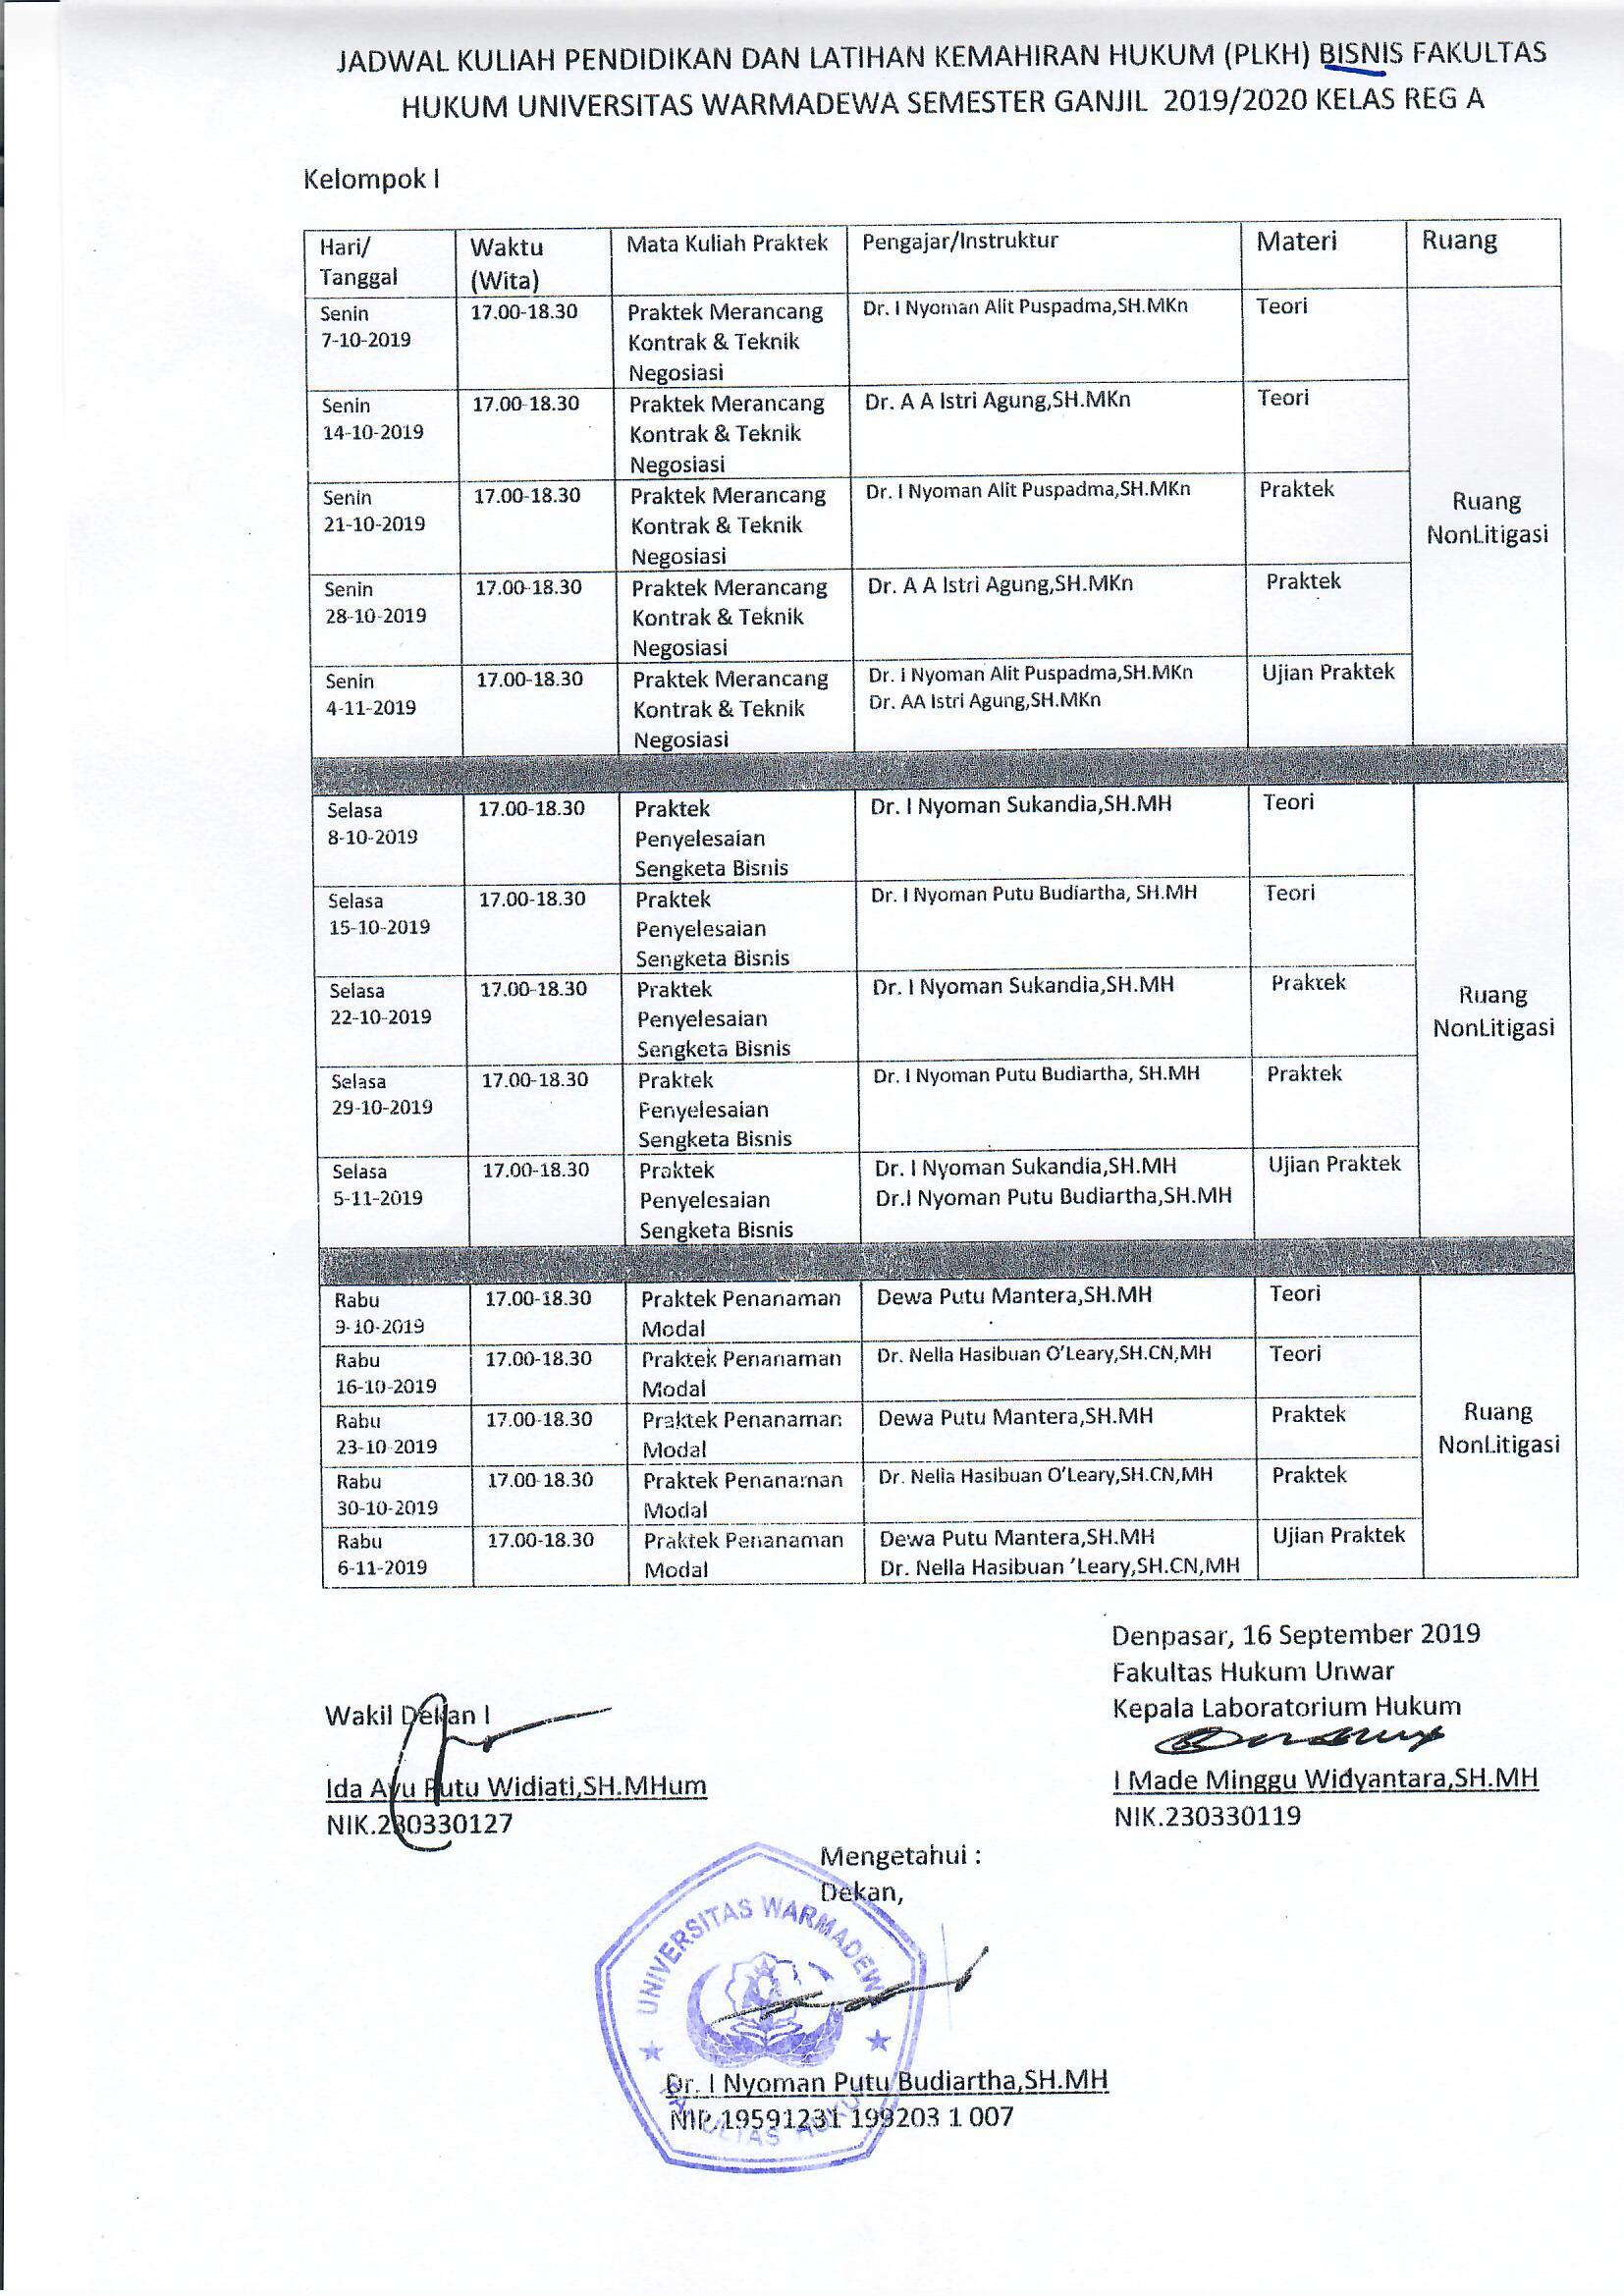 Jadwal Kuliah (PLKH) Bisnis Fakultas Hukum Universitas Warmadewa Kuliah (PLKH) Bisnis Fakultas Hukum Universitas Warmadewa (Kelompok 3)